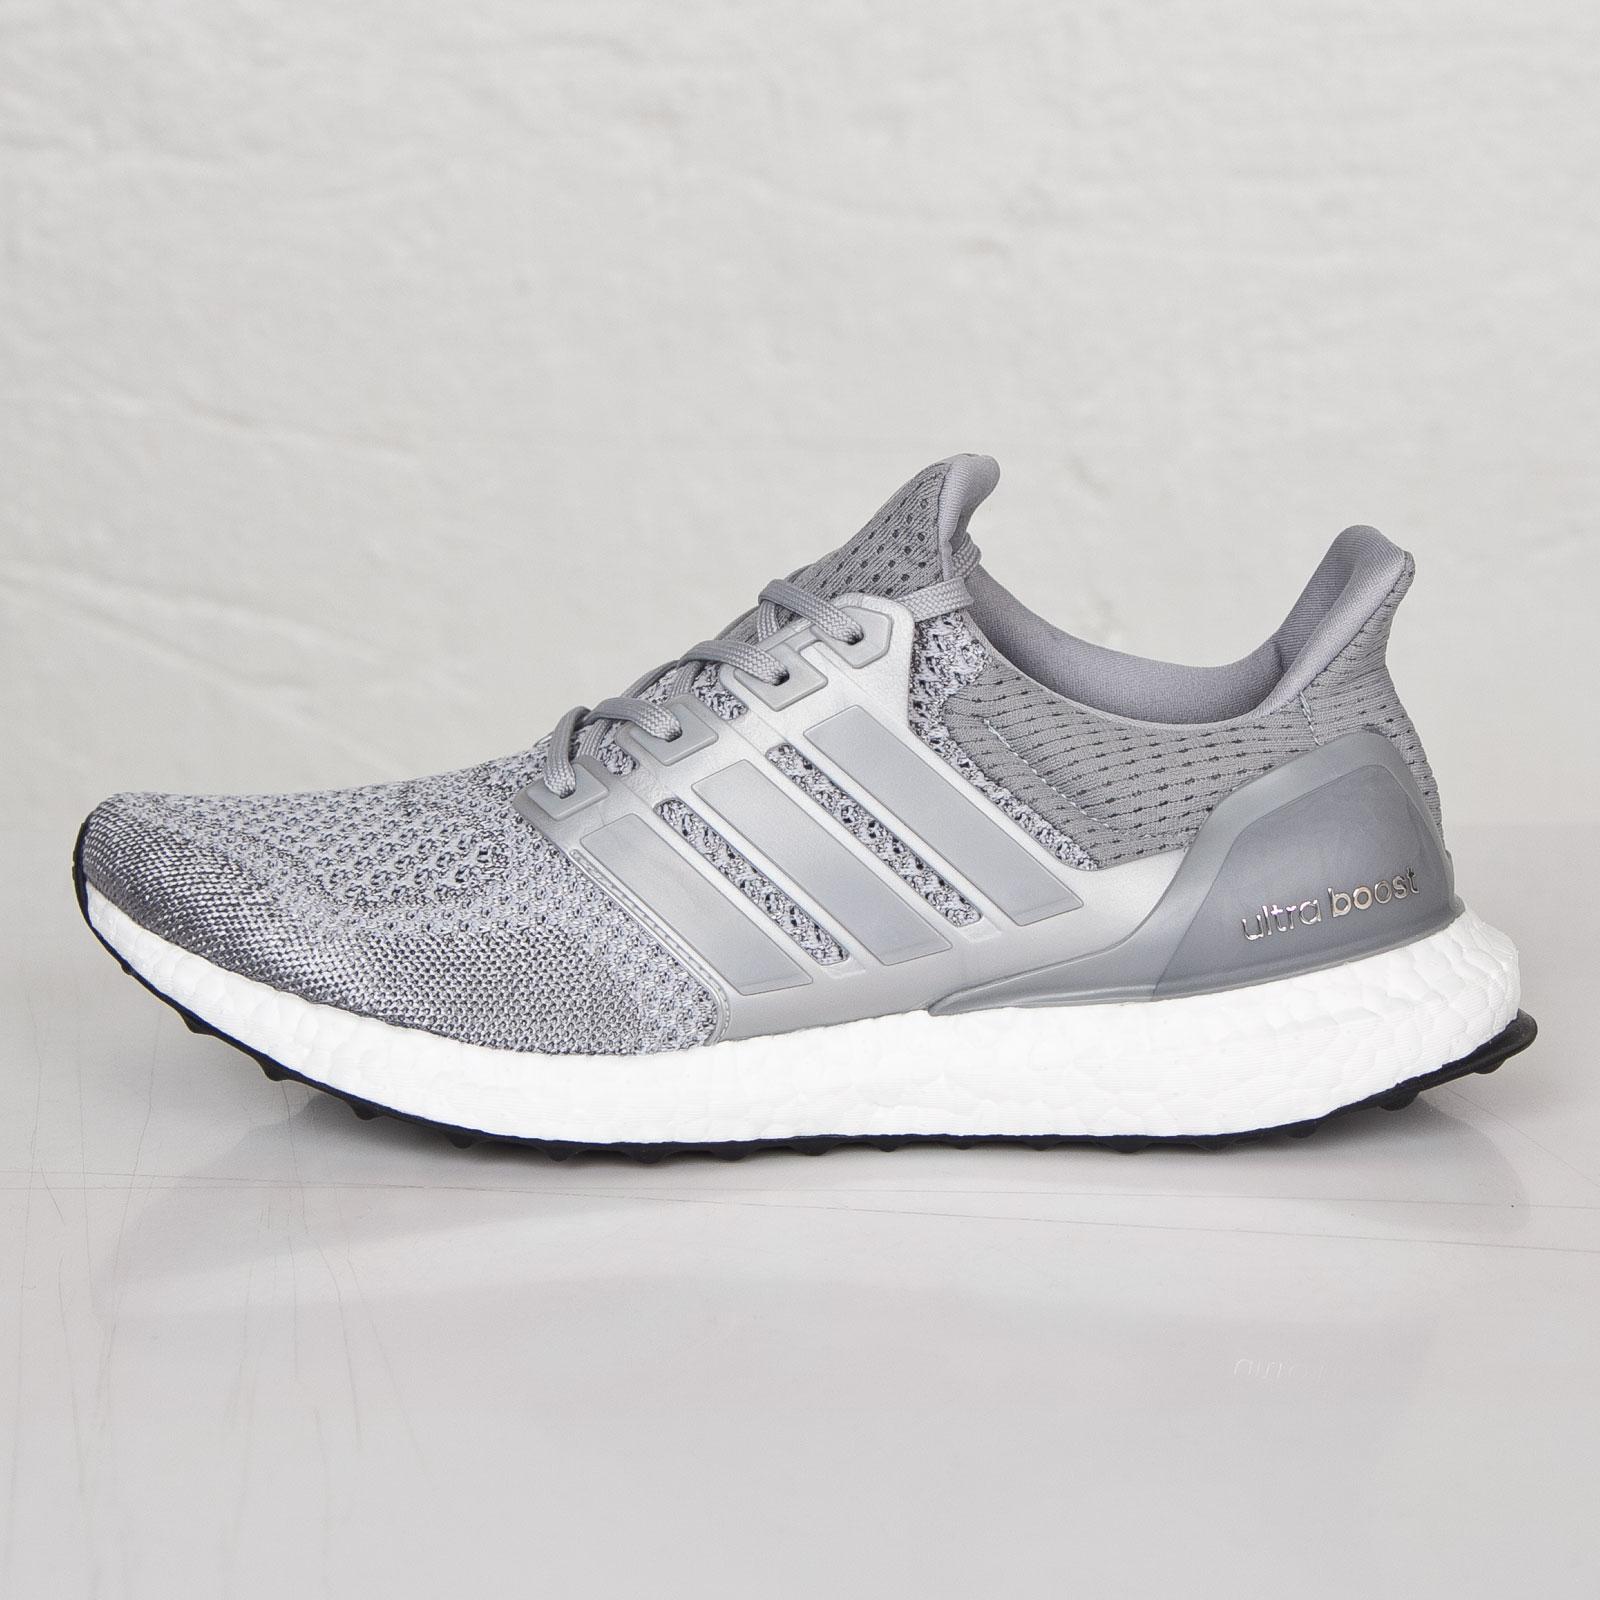 6bda8d05bb0b3 adidas ultra boost wool limited